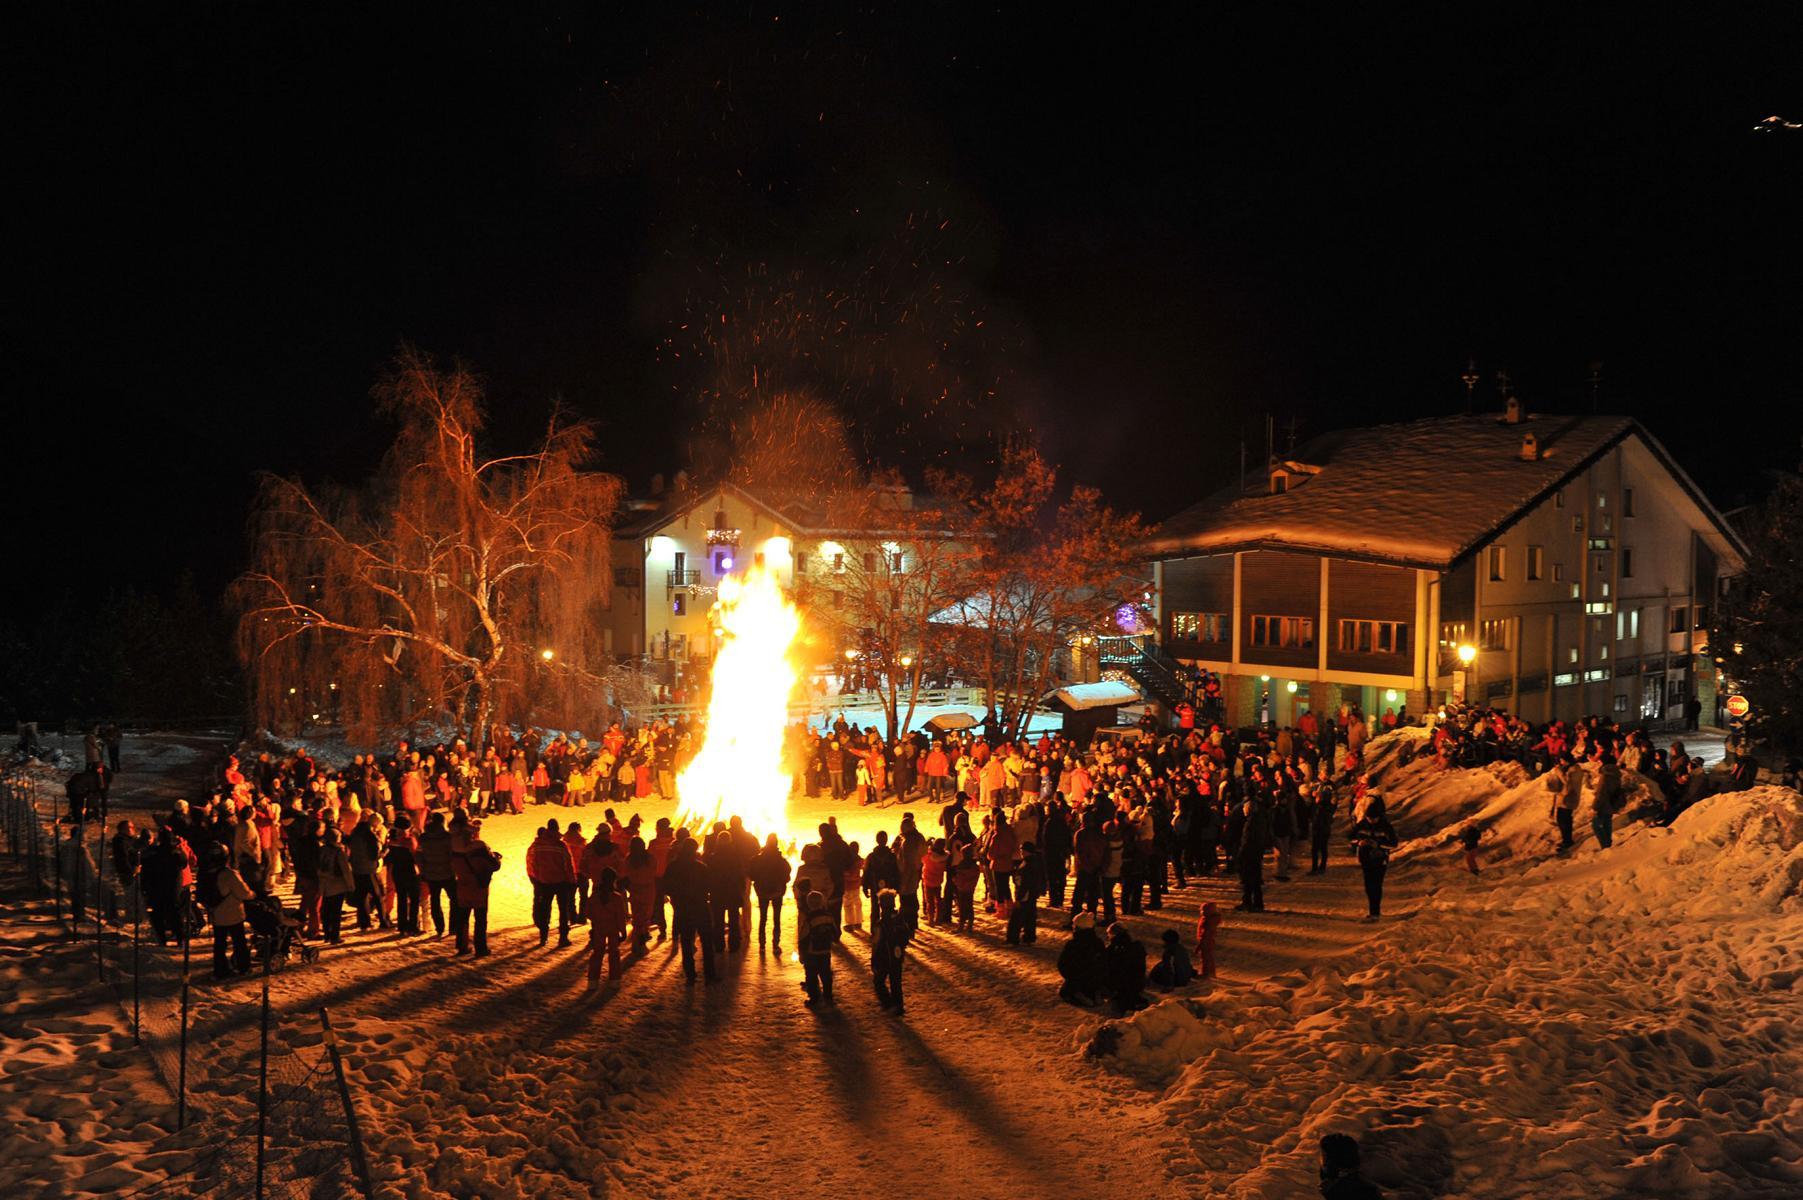 Capodanno in Piazza in Cogne / @ Turismo Valle d'Aosta